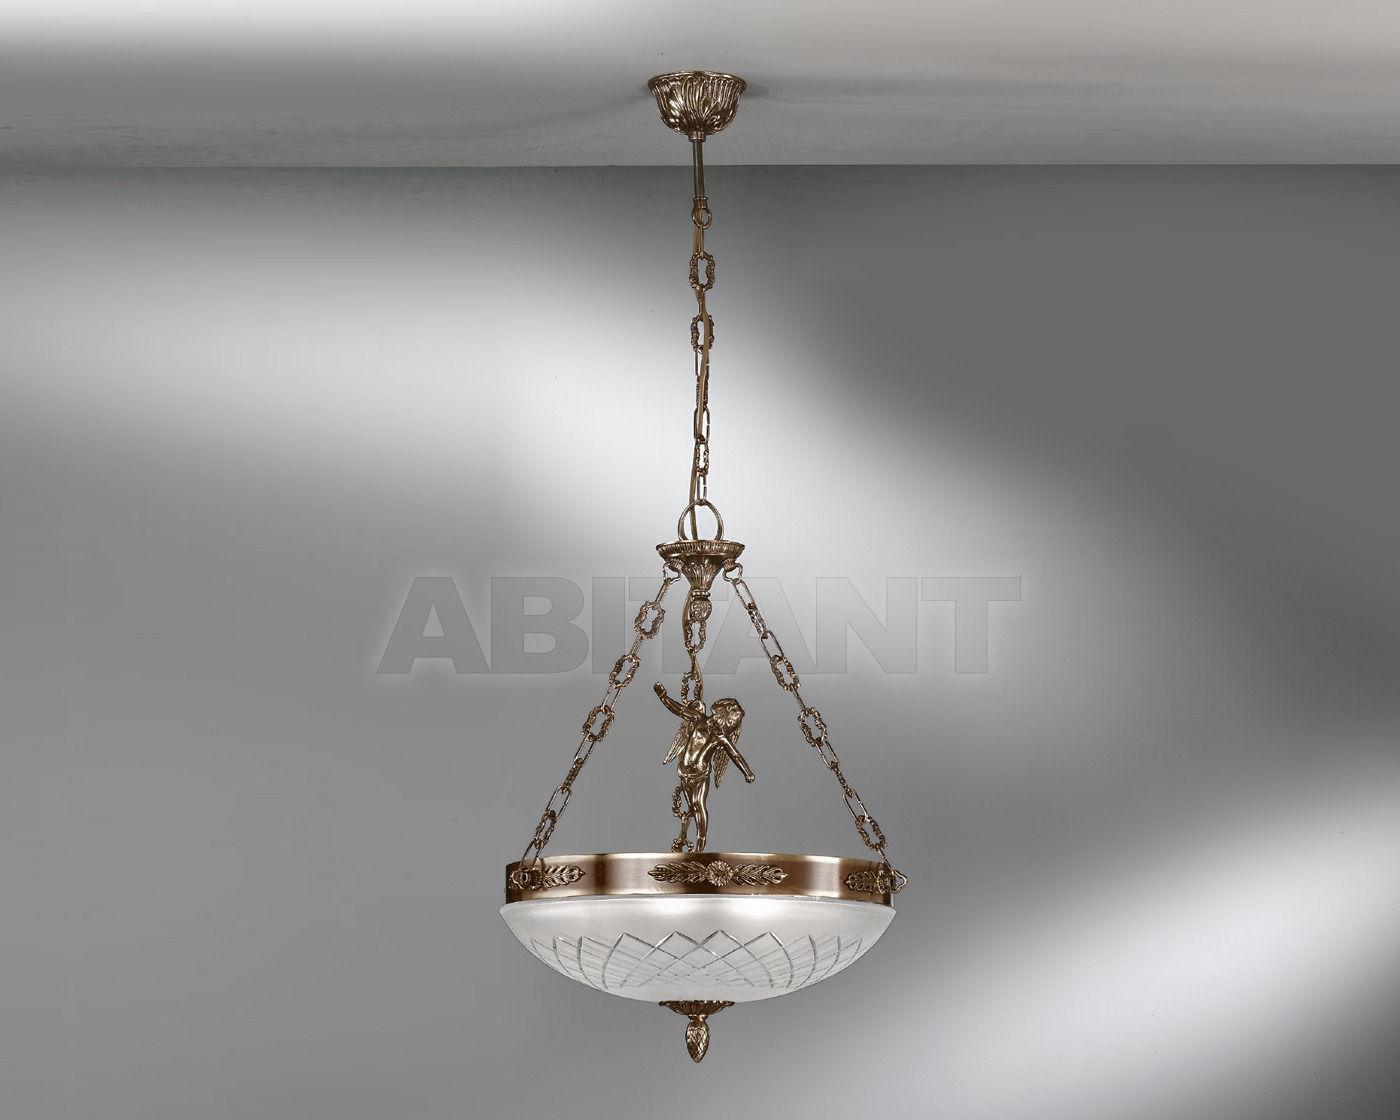 Купить Светильник Nervilamp Snc Nervilamp 2013 710/6S